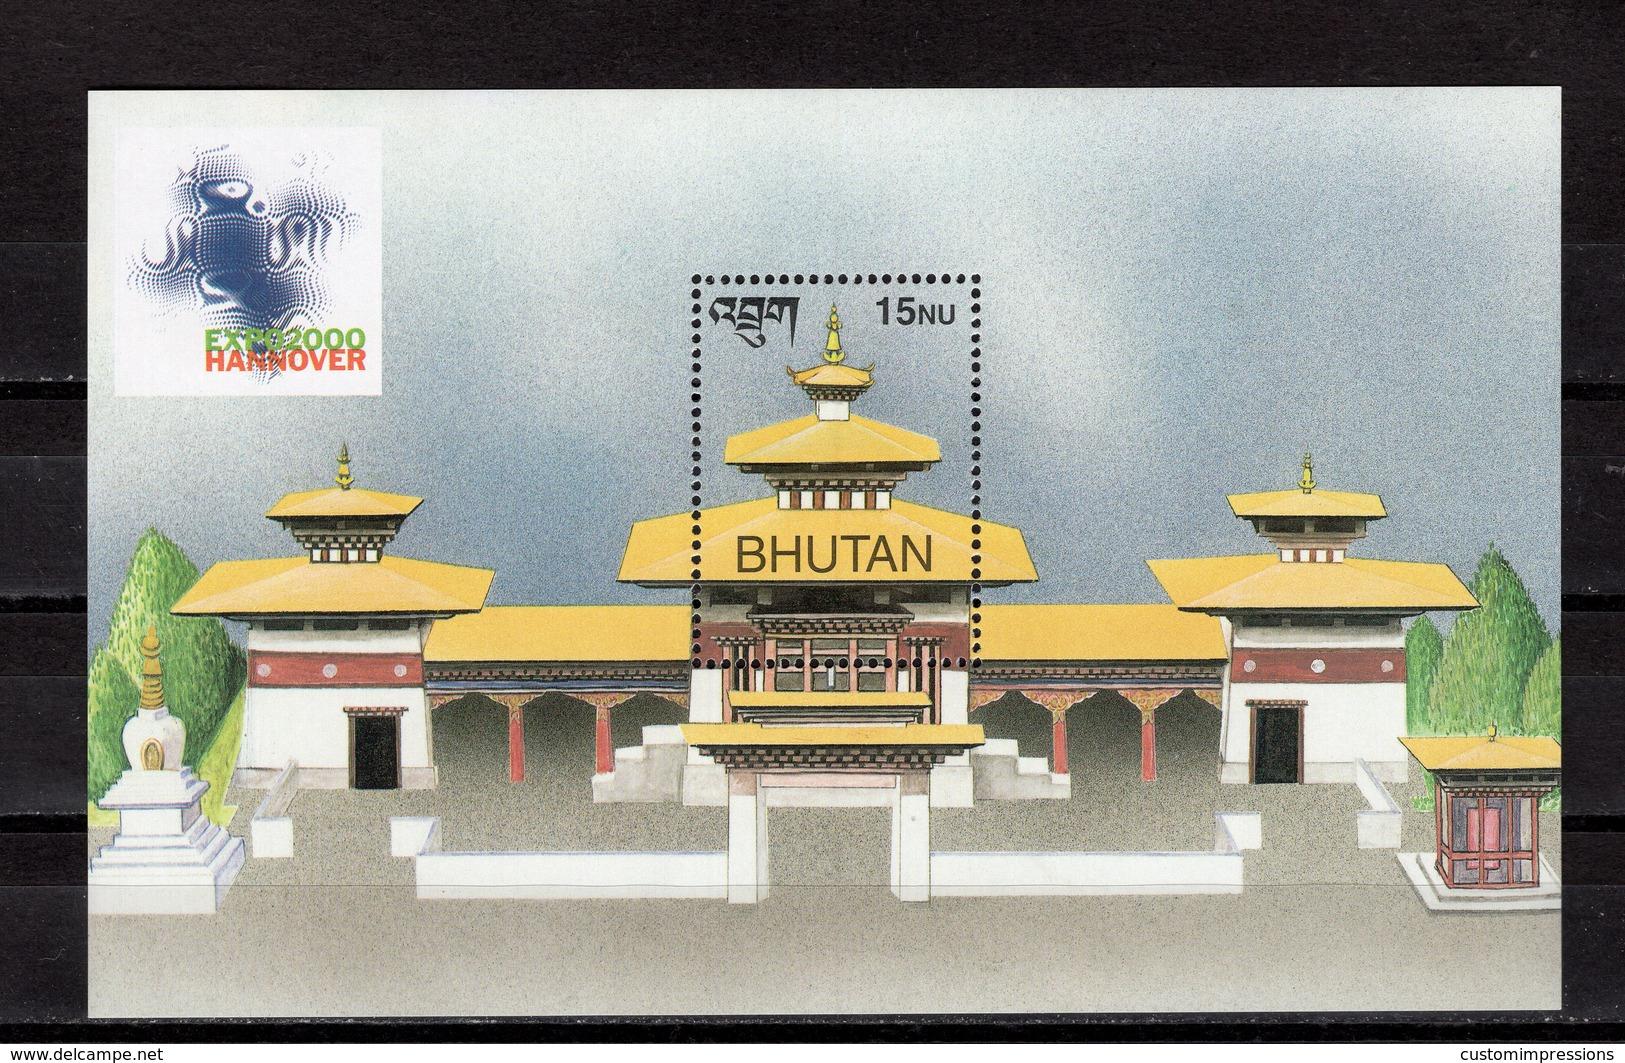 BHUTAN - 2000 HANNOVER WORLD'S FAIR  M1168B - 2000 – Hanover (Germany)